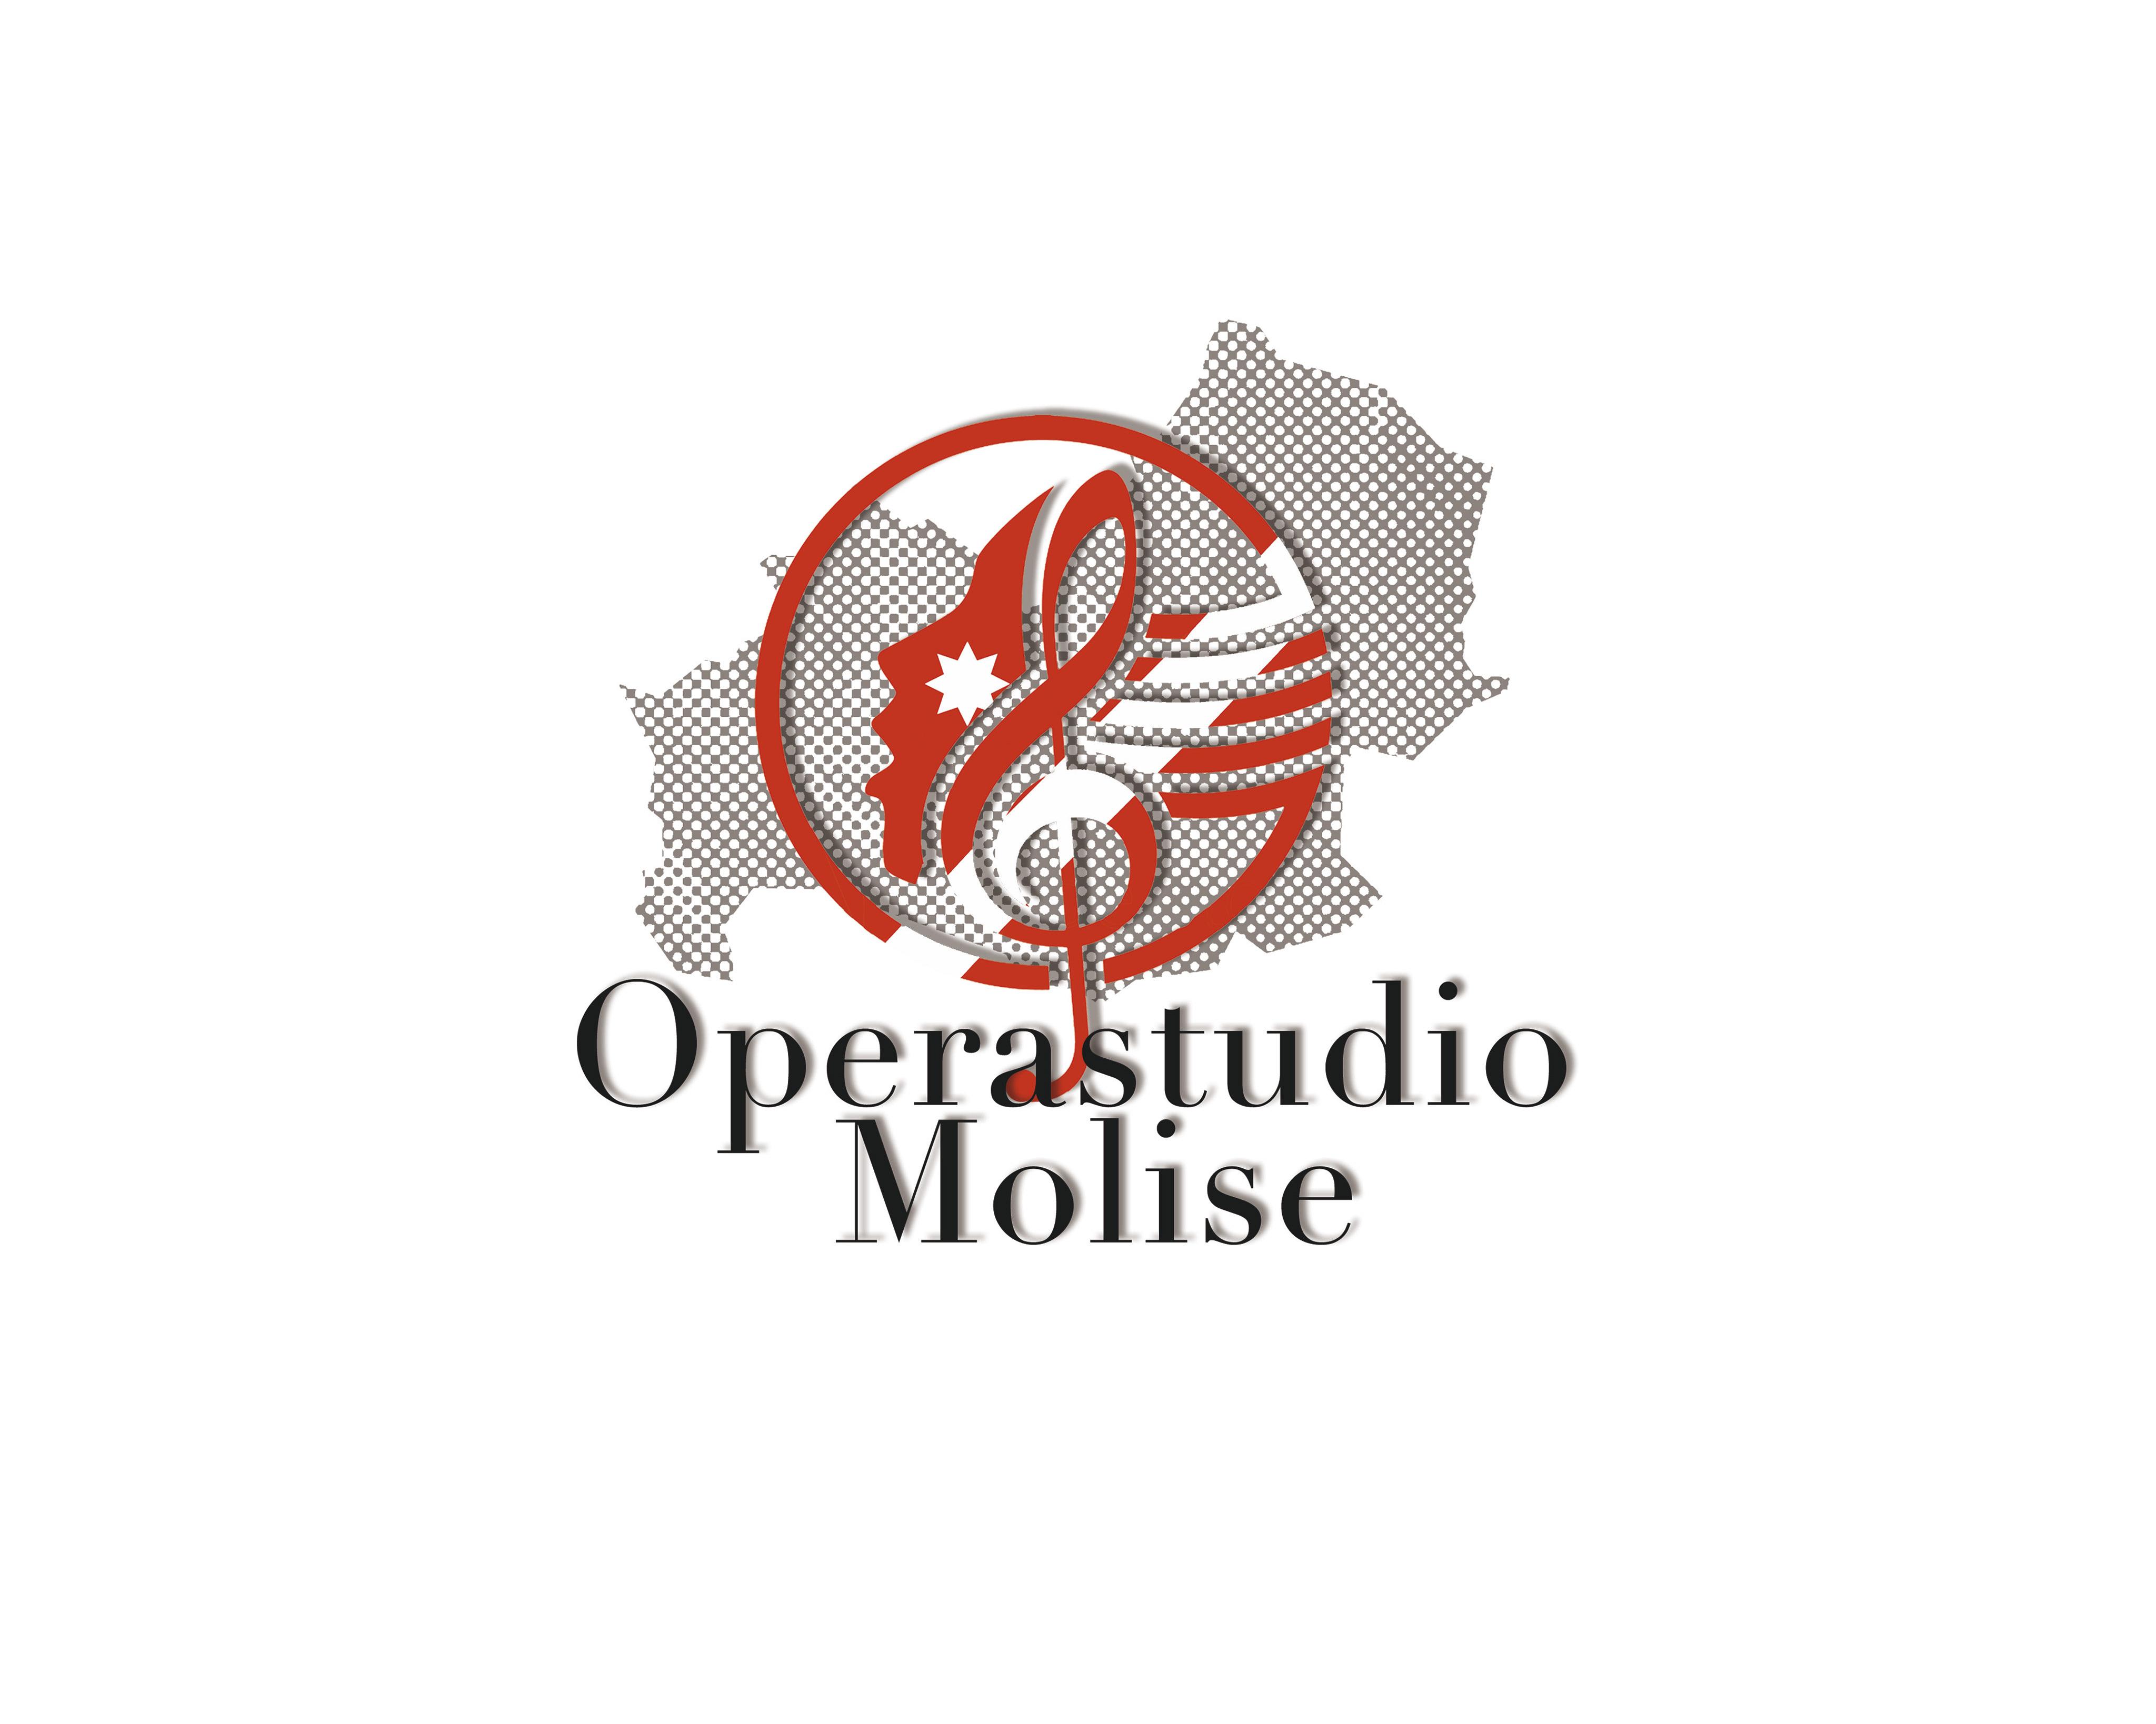 Opera Studio Molise